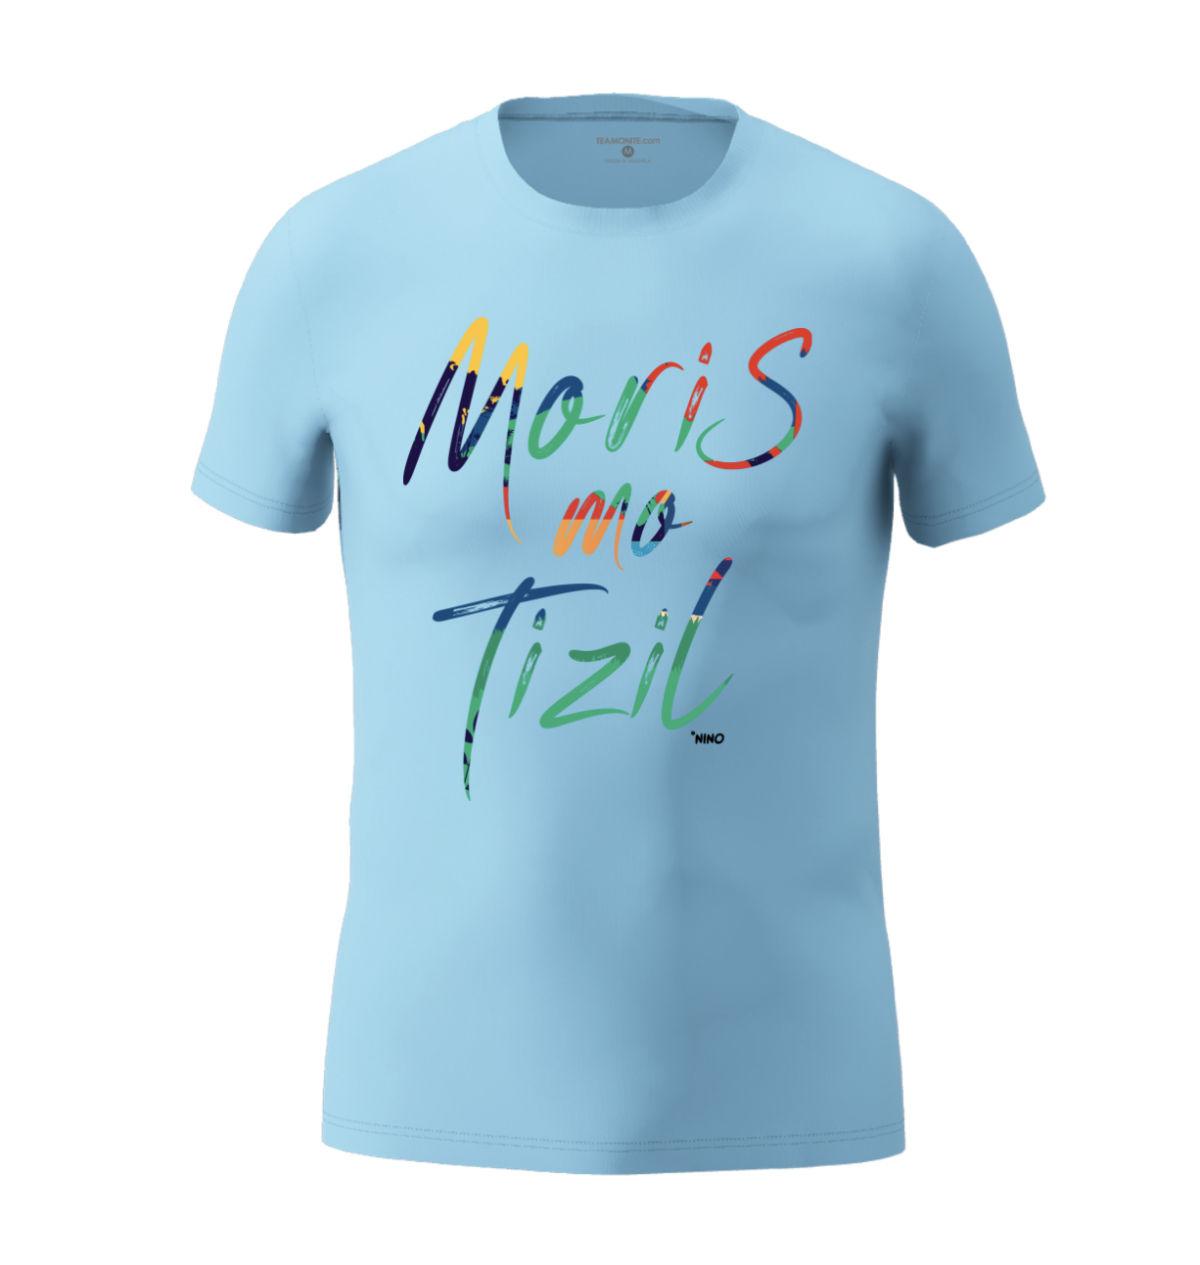 Men's Moris Mo Tizil T-shirt Light Blue